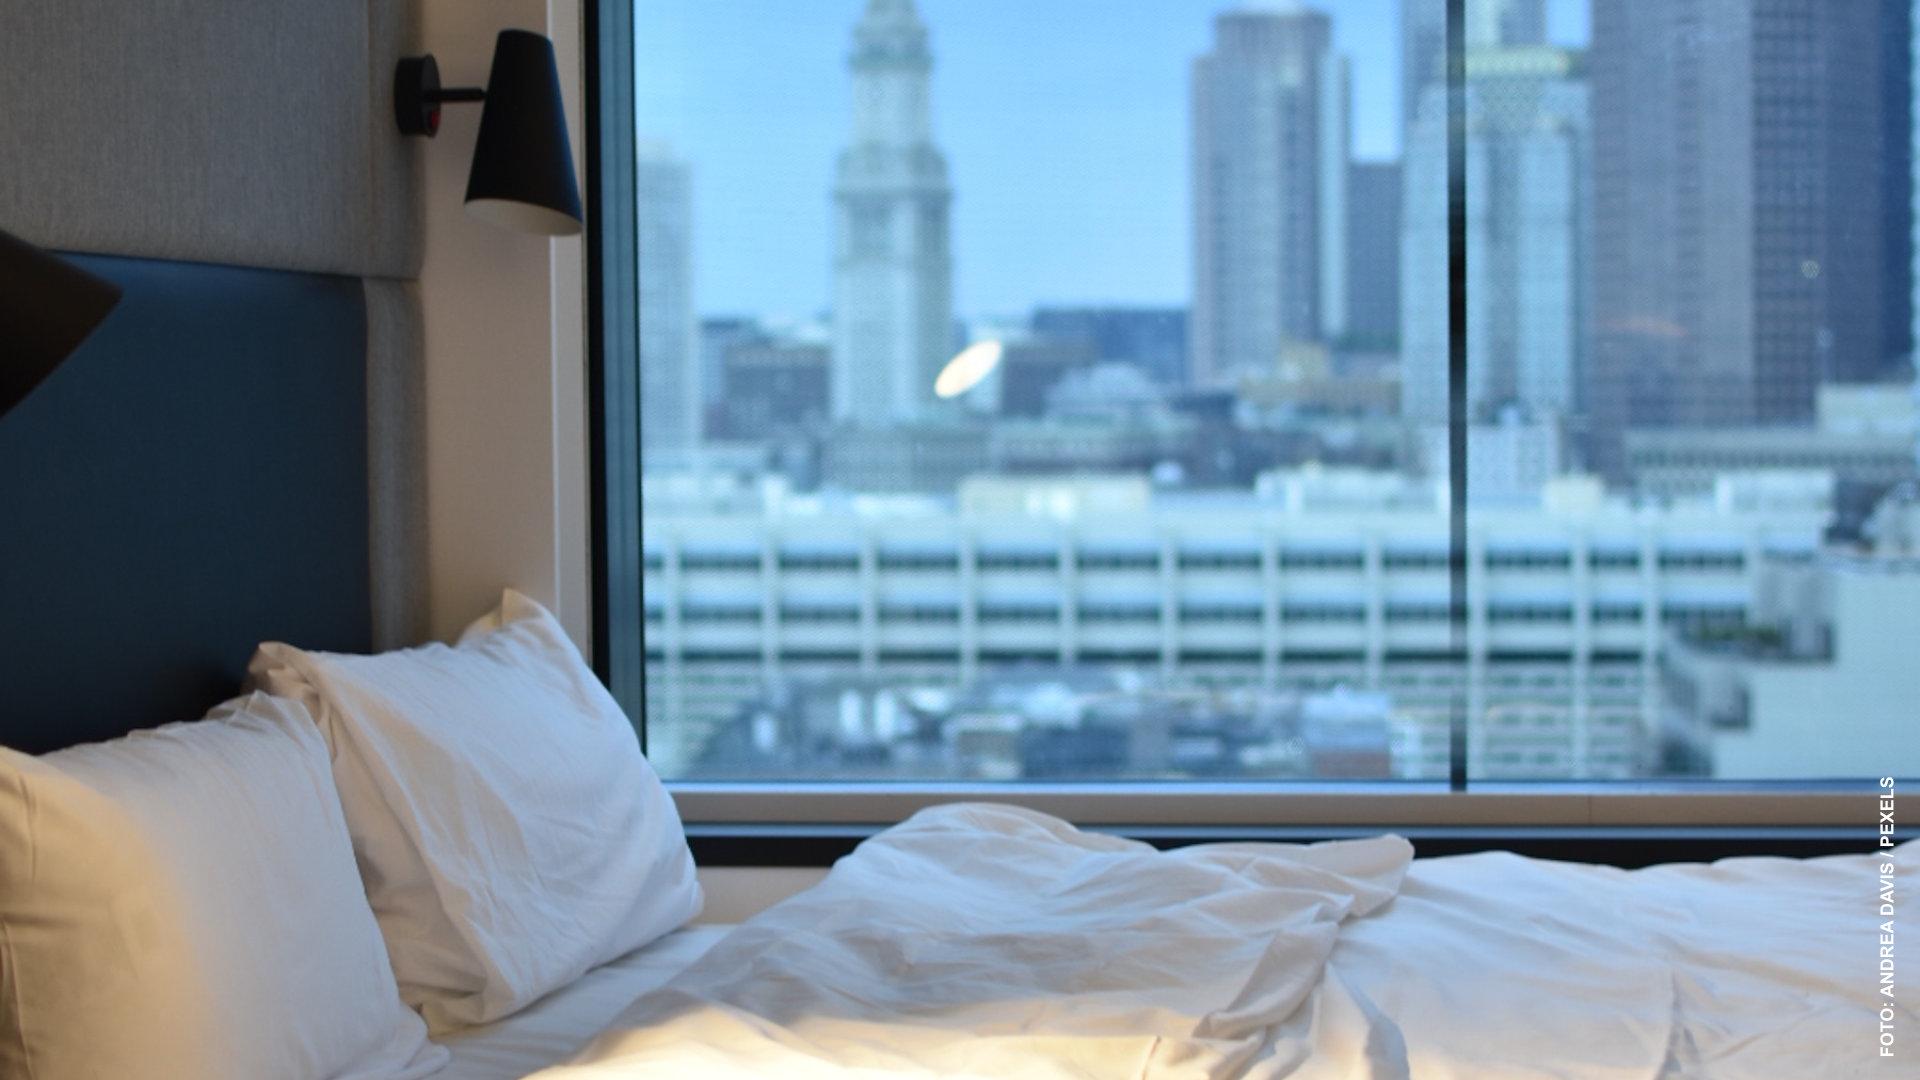 Aislamiento en hotel a partir del 22 de febrero